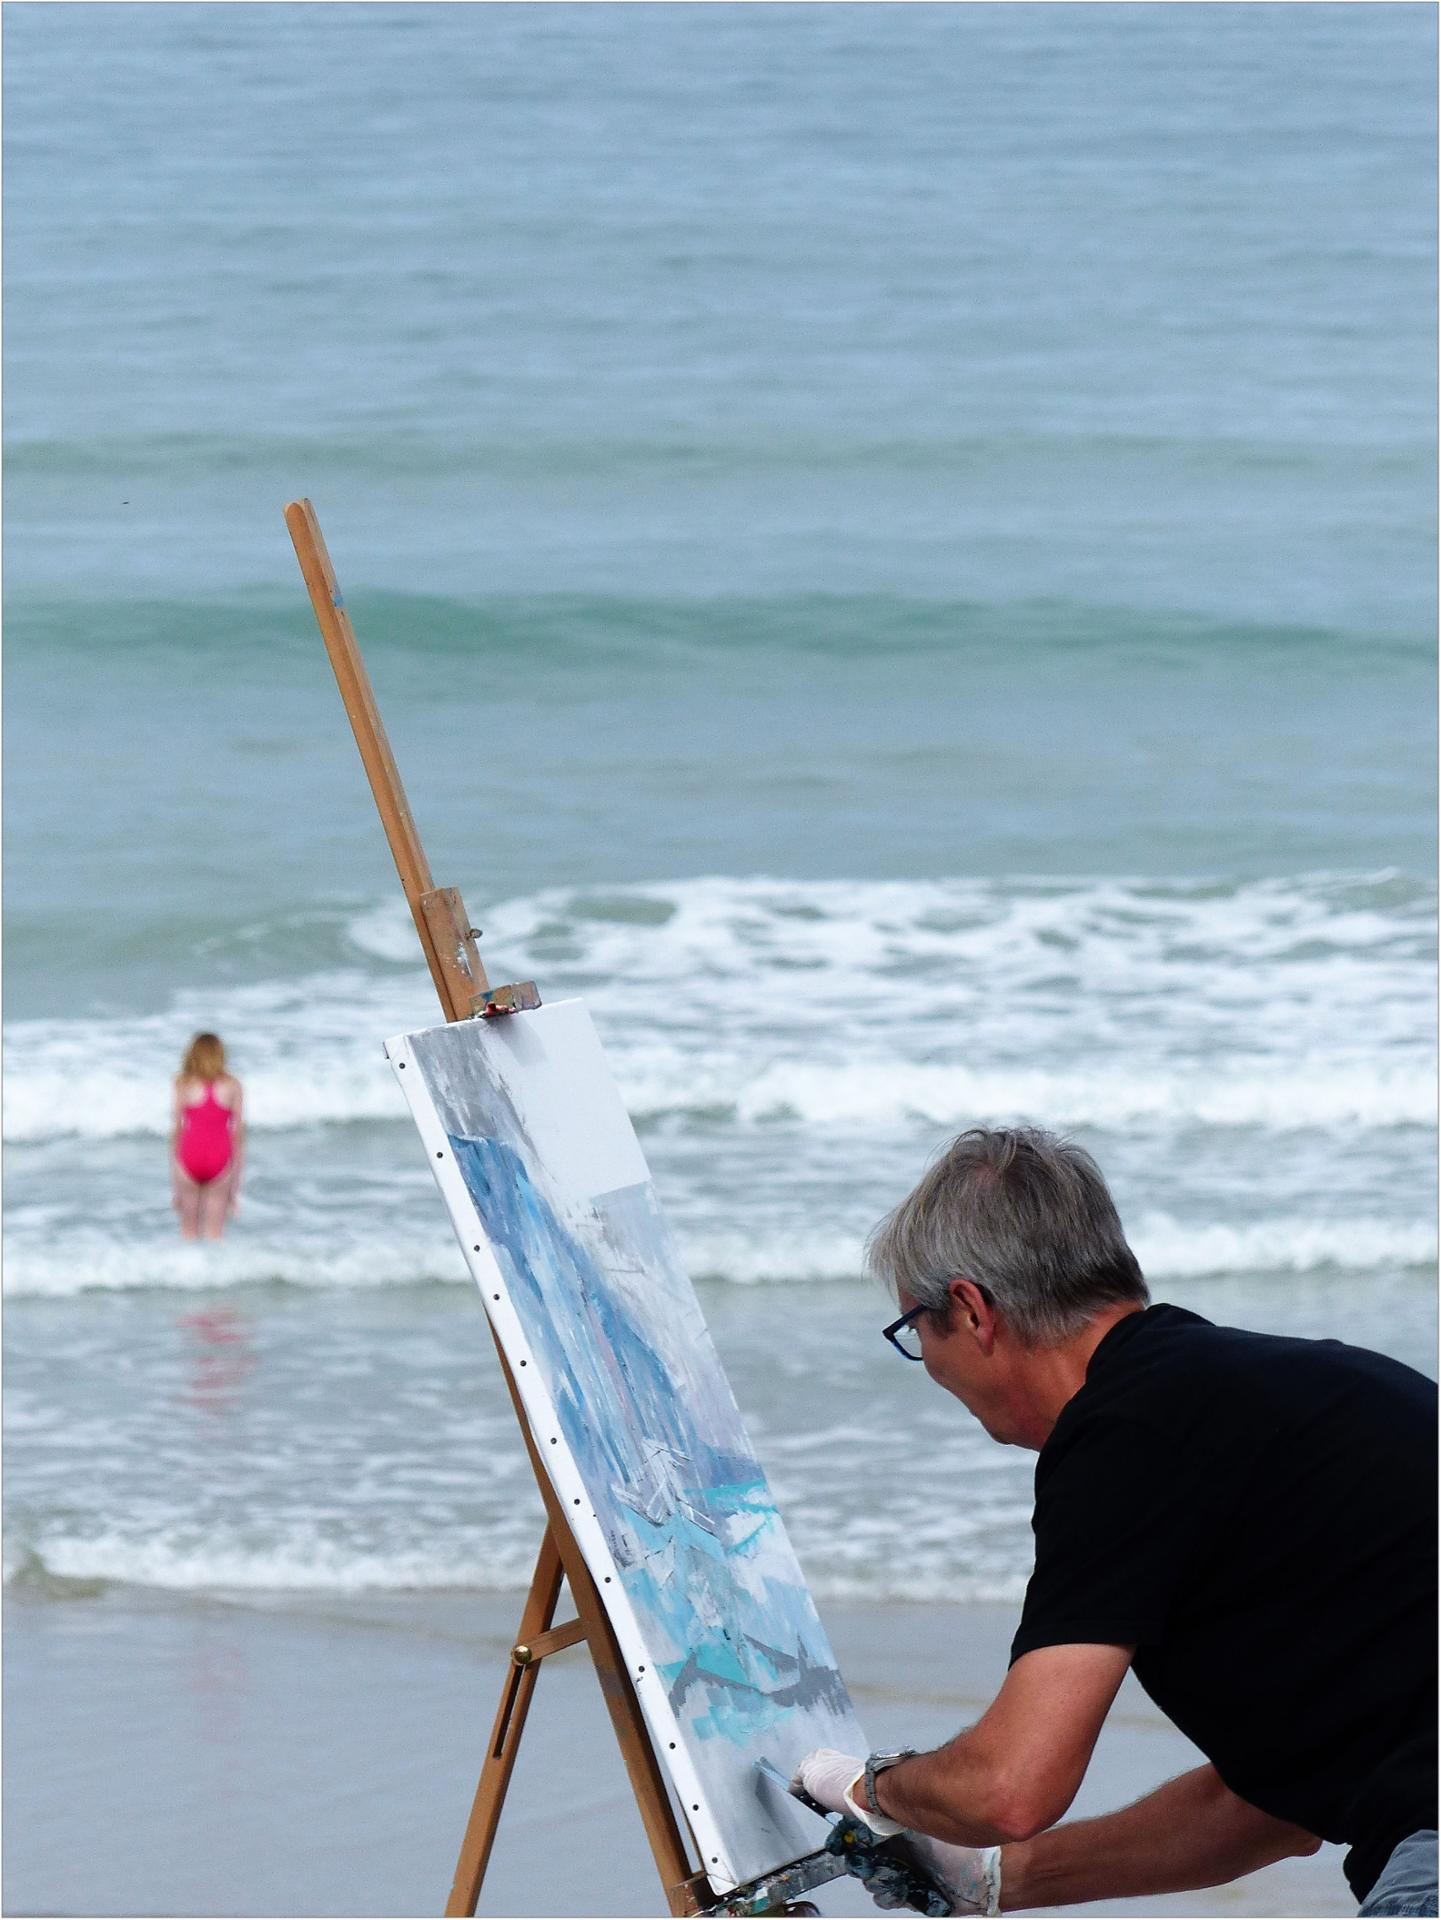 Dur dur de peindre la mer, ça bouge tout le temps!